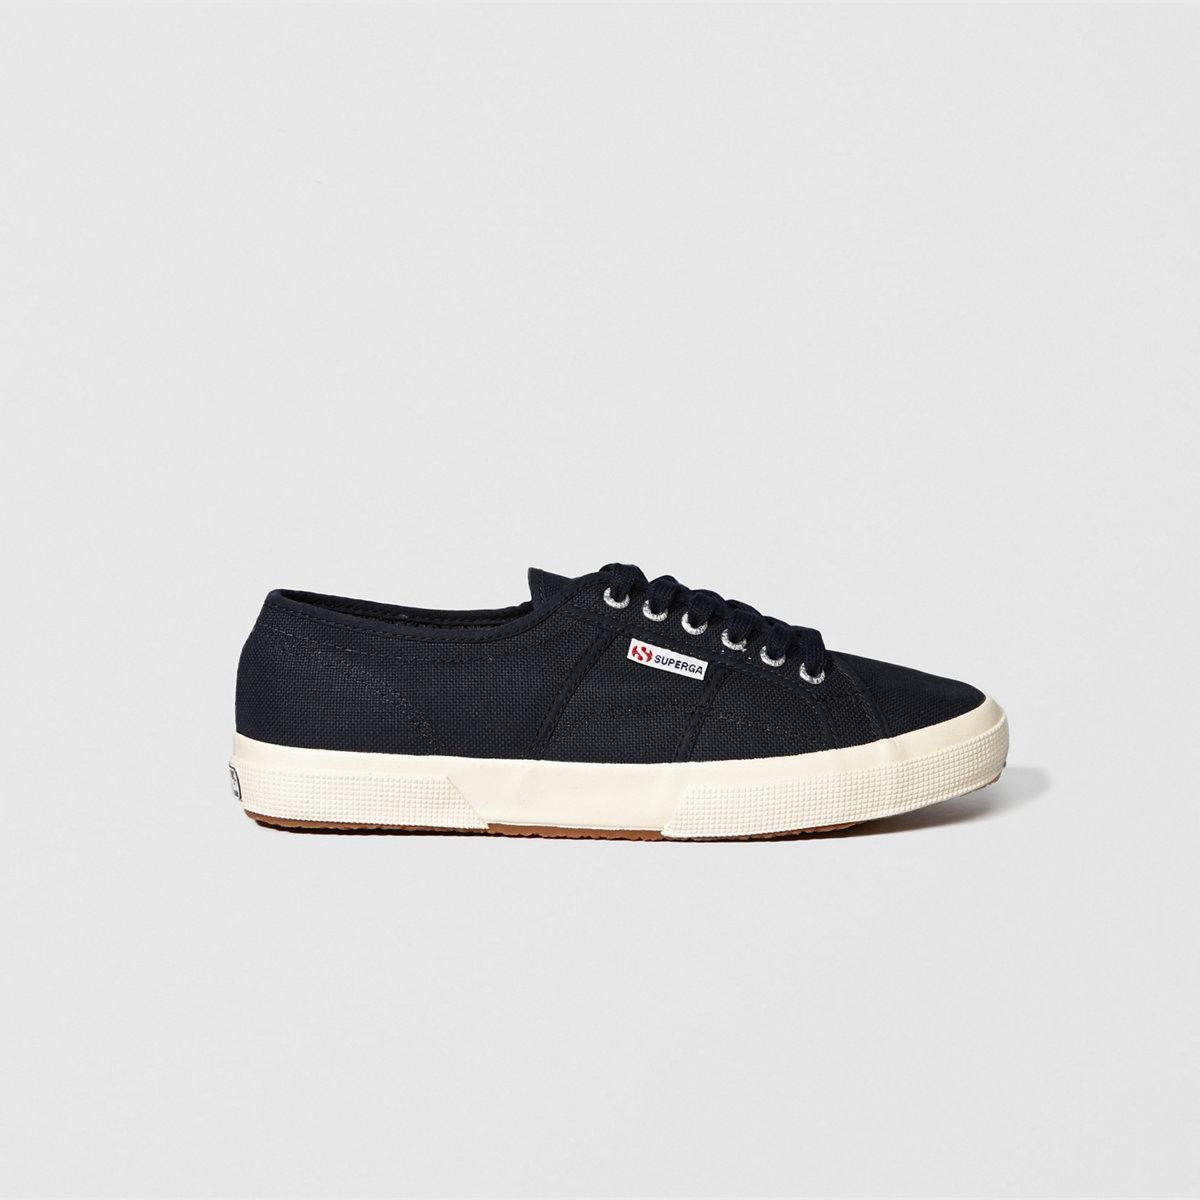 Superga Classic COTU Sneakers